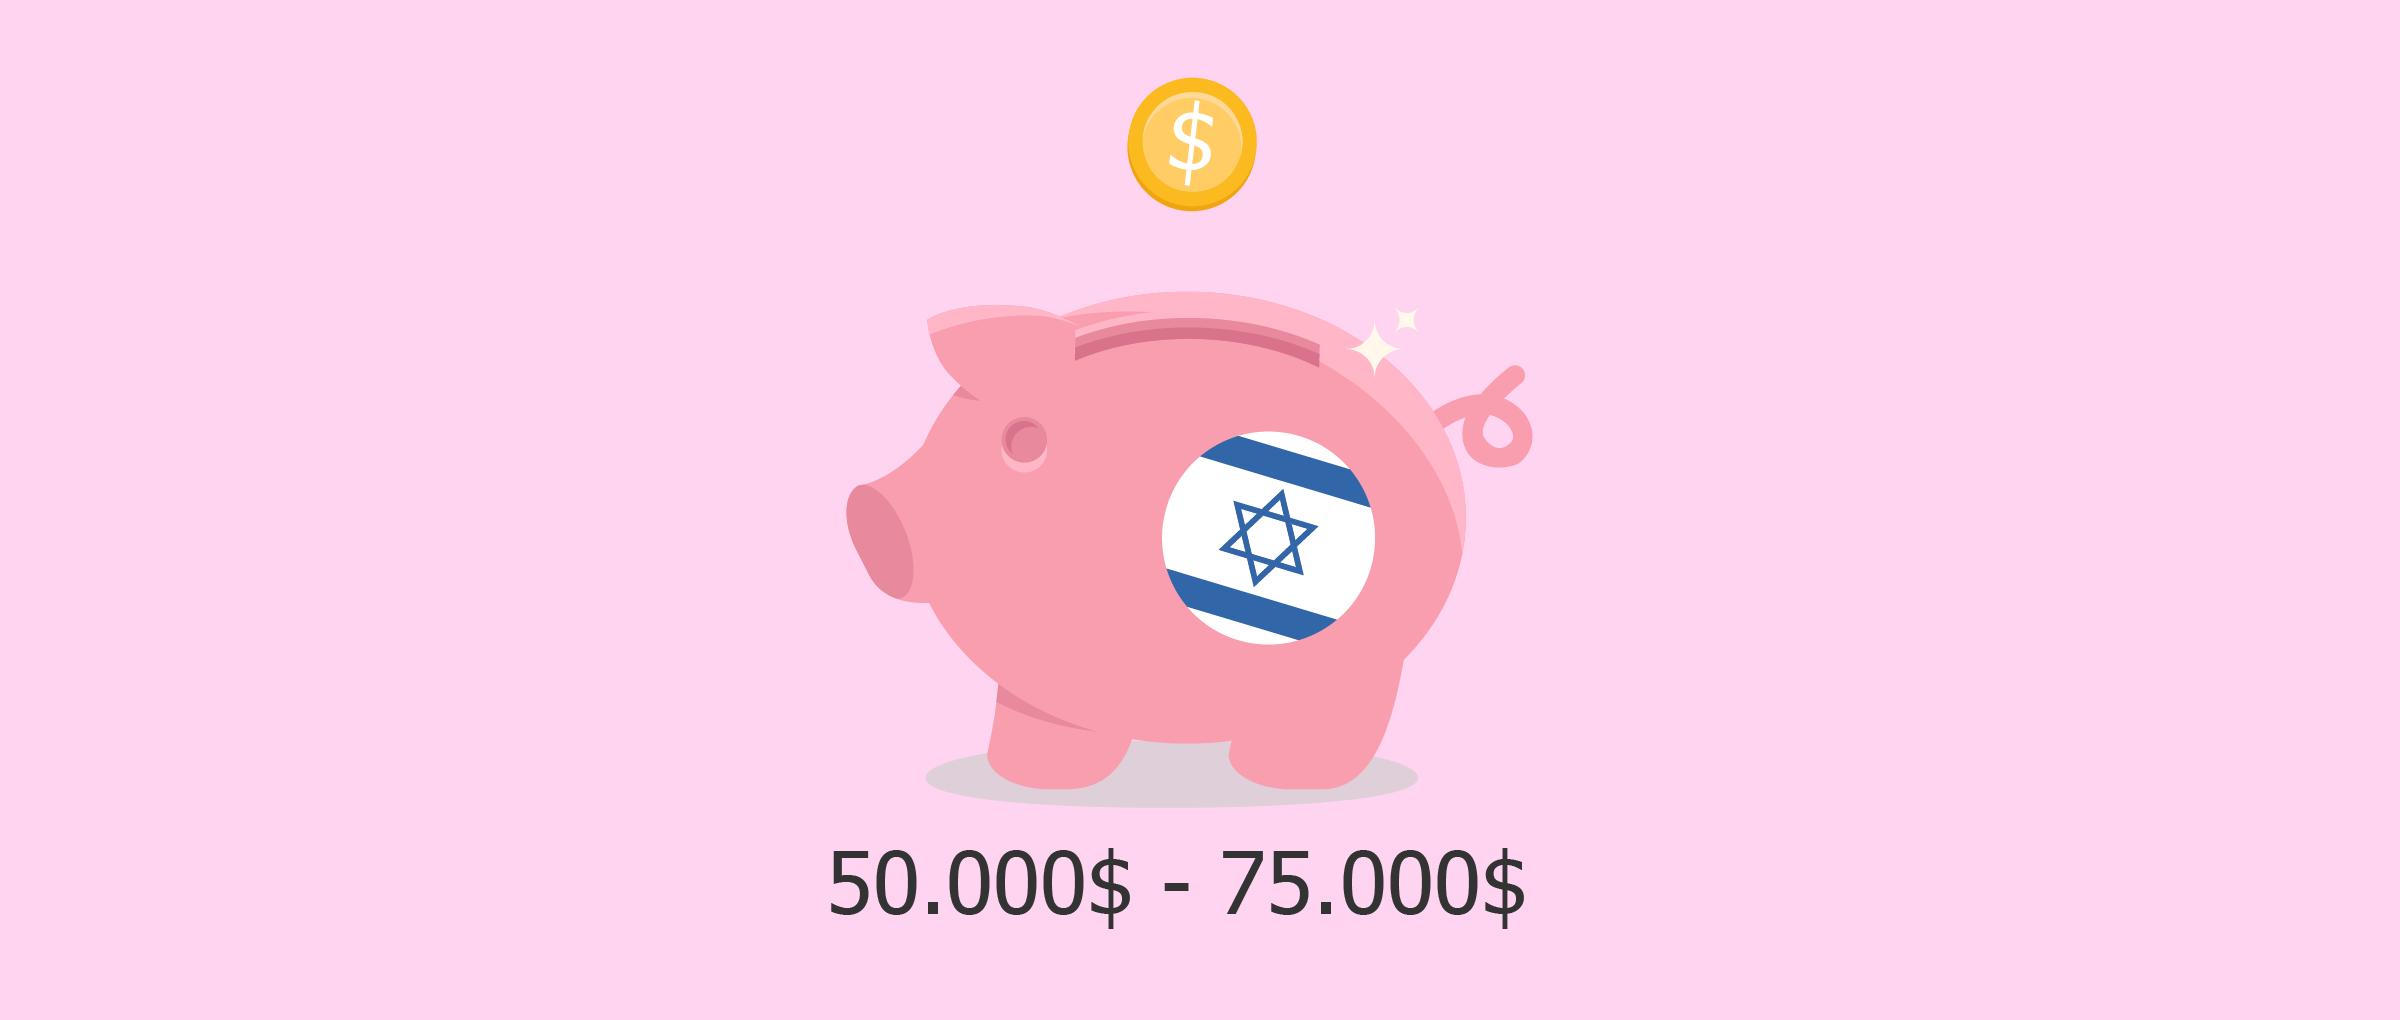 Was die Leihmutterschaft in Israel kostet